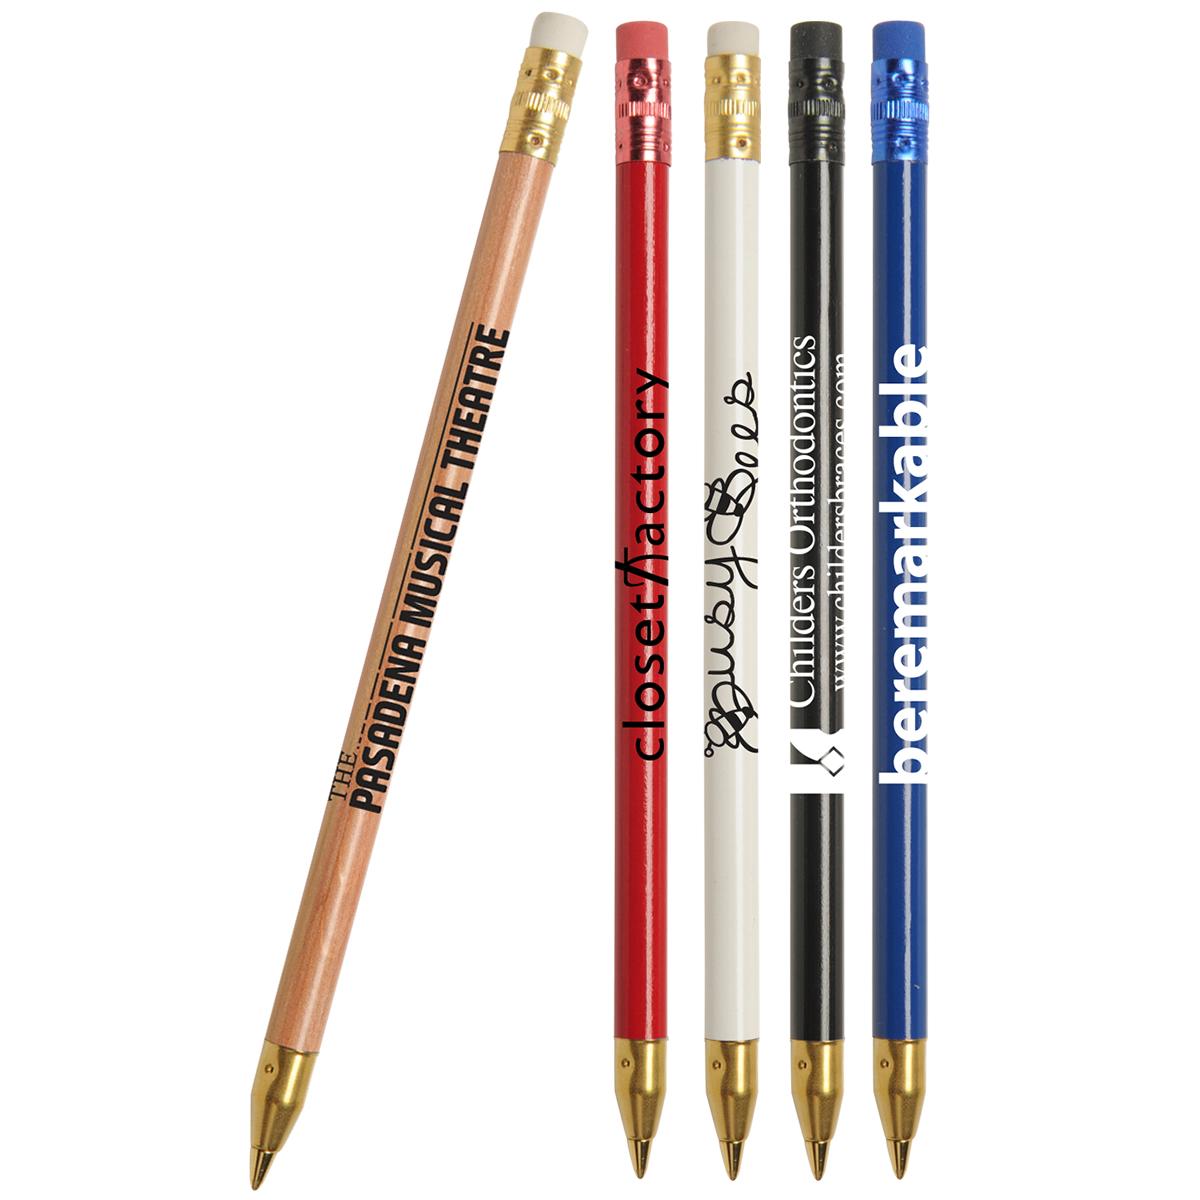 Counselor Wooden Stick Pen